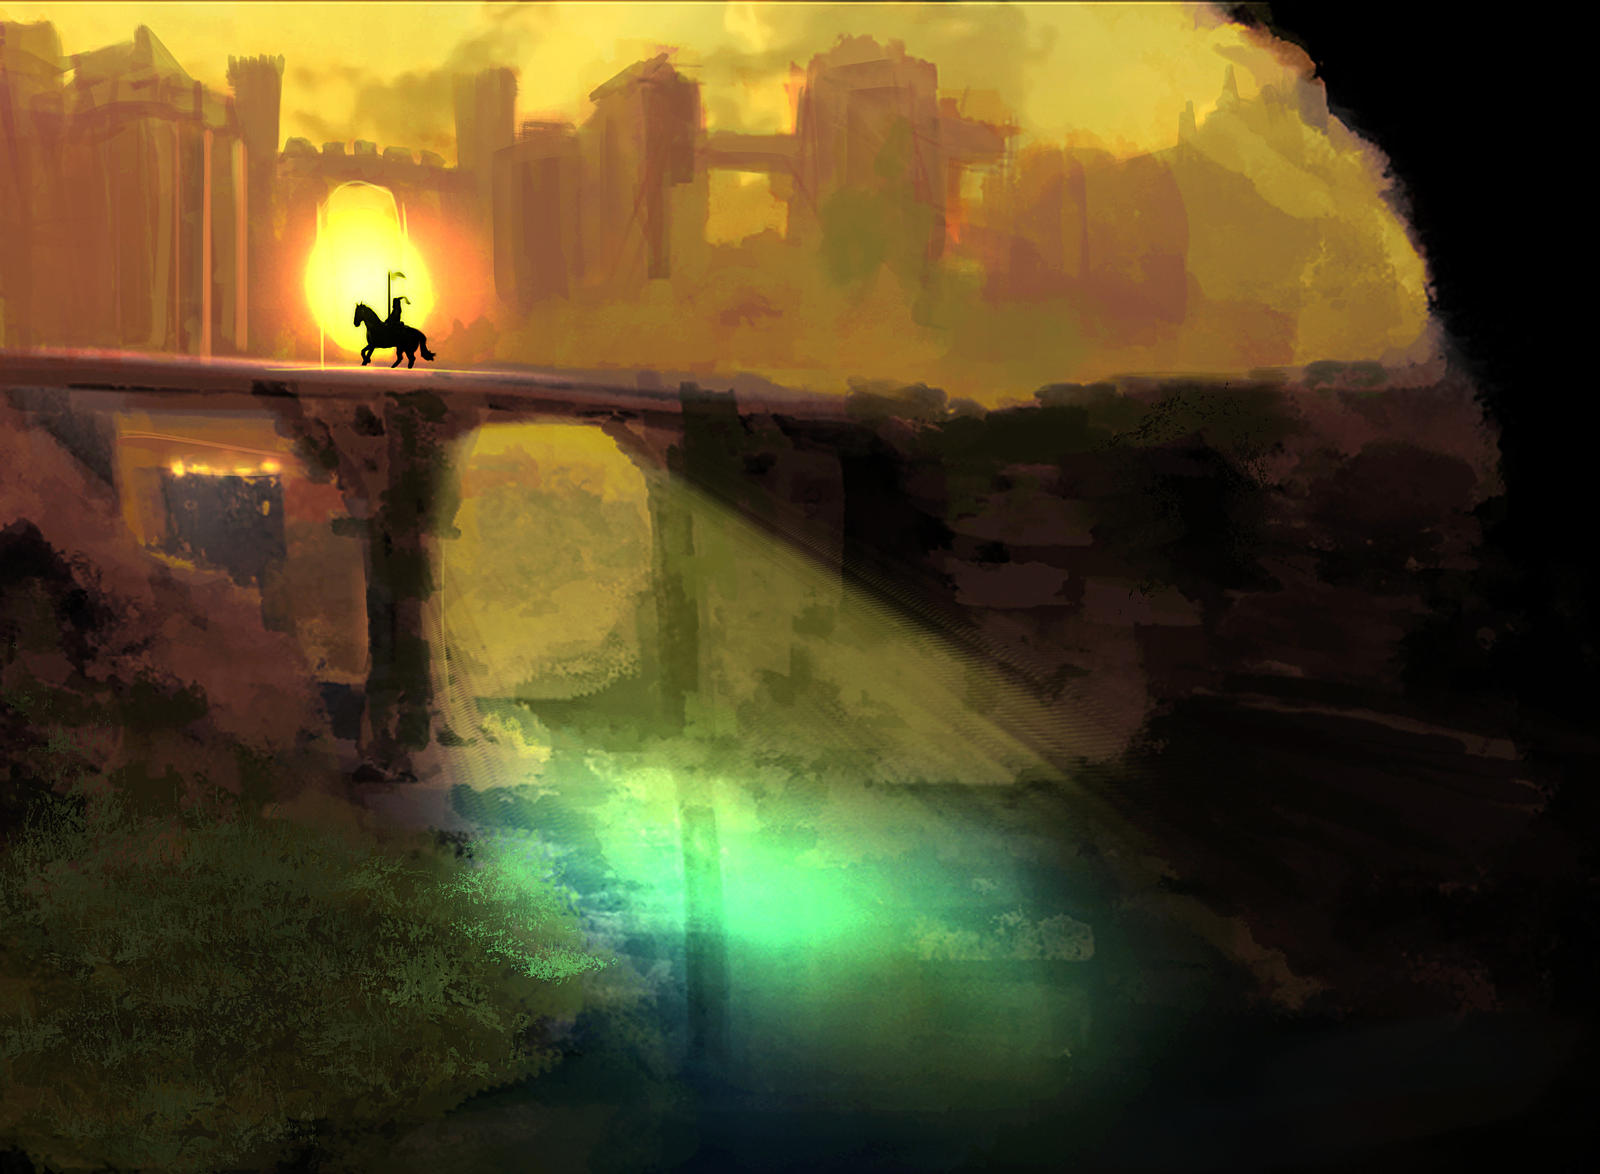 Knight Crossing by Fieldweeble